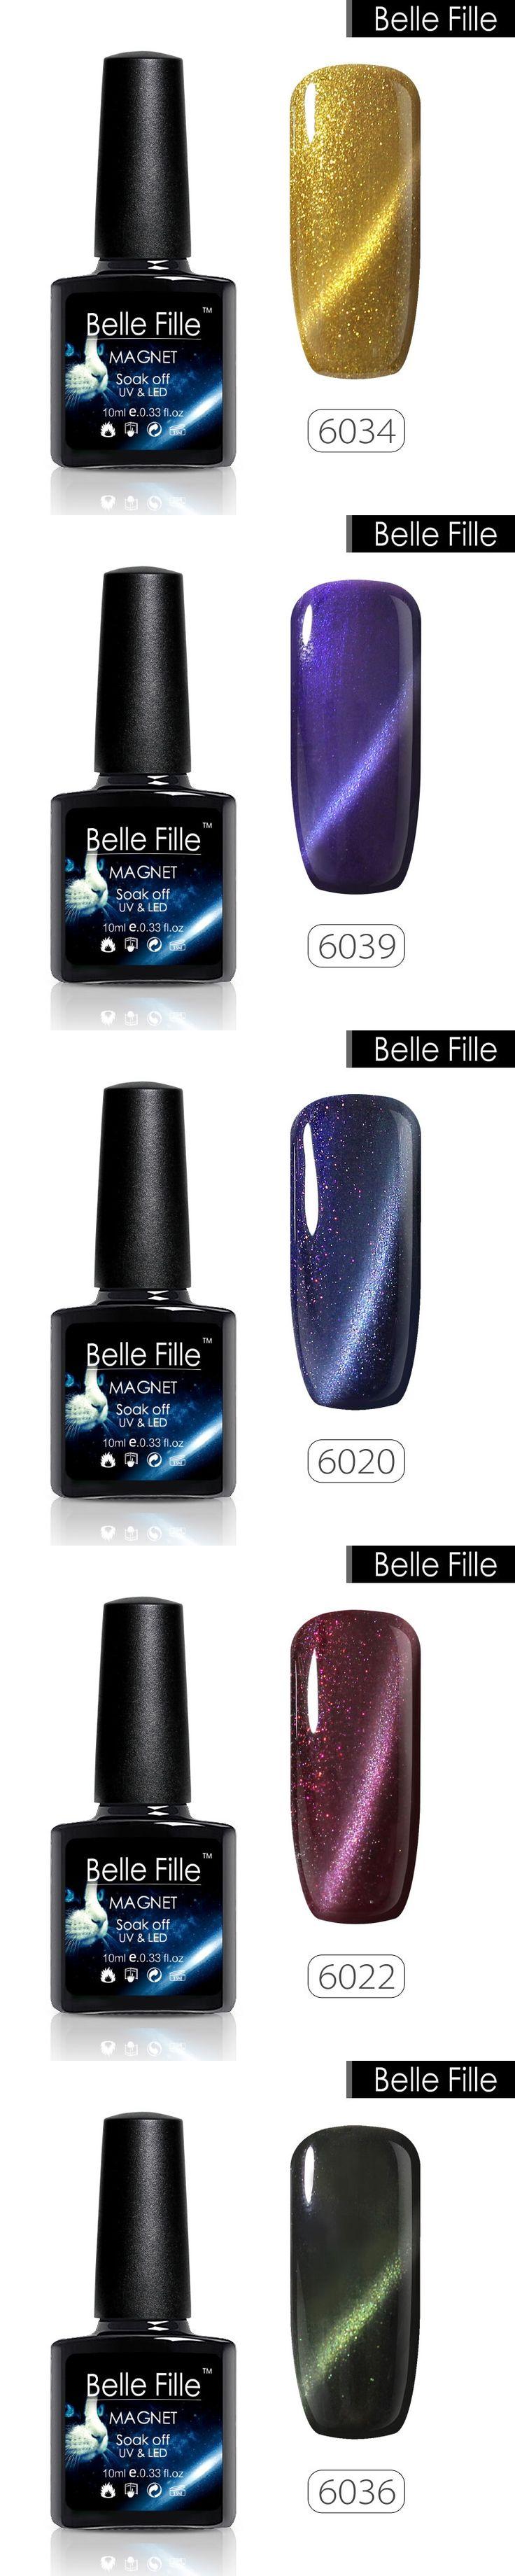 Belle Fille Cat Eye Gel Nail Polish Glitter 3D Soak Off UV Gel Polish Magnetic Varnish Magnet Blue Sapphire Manicure Varnish